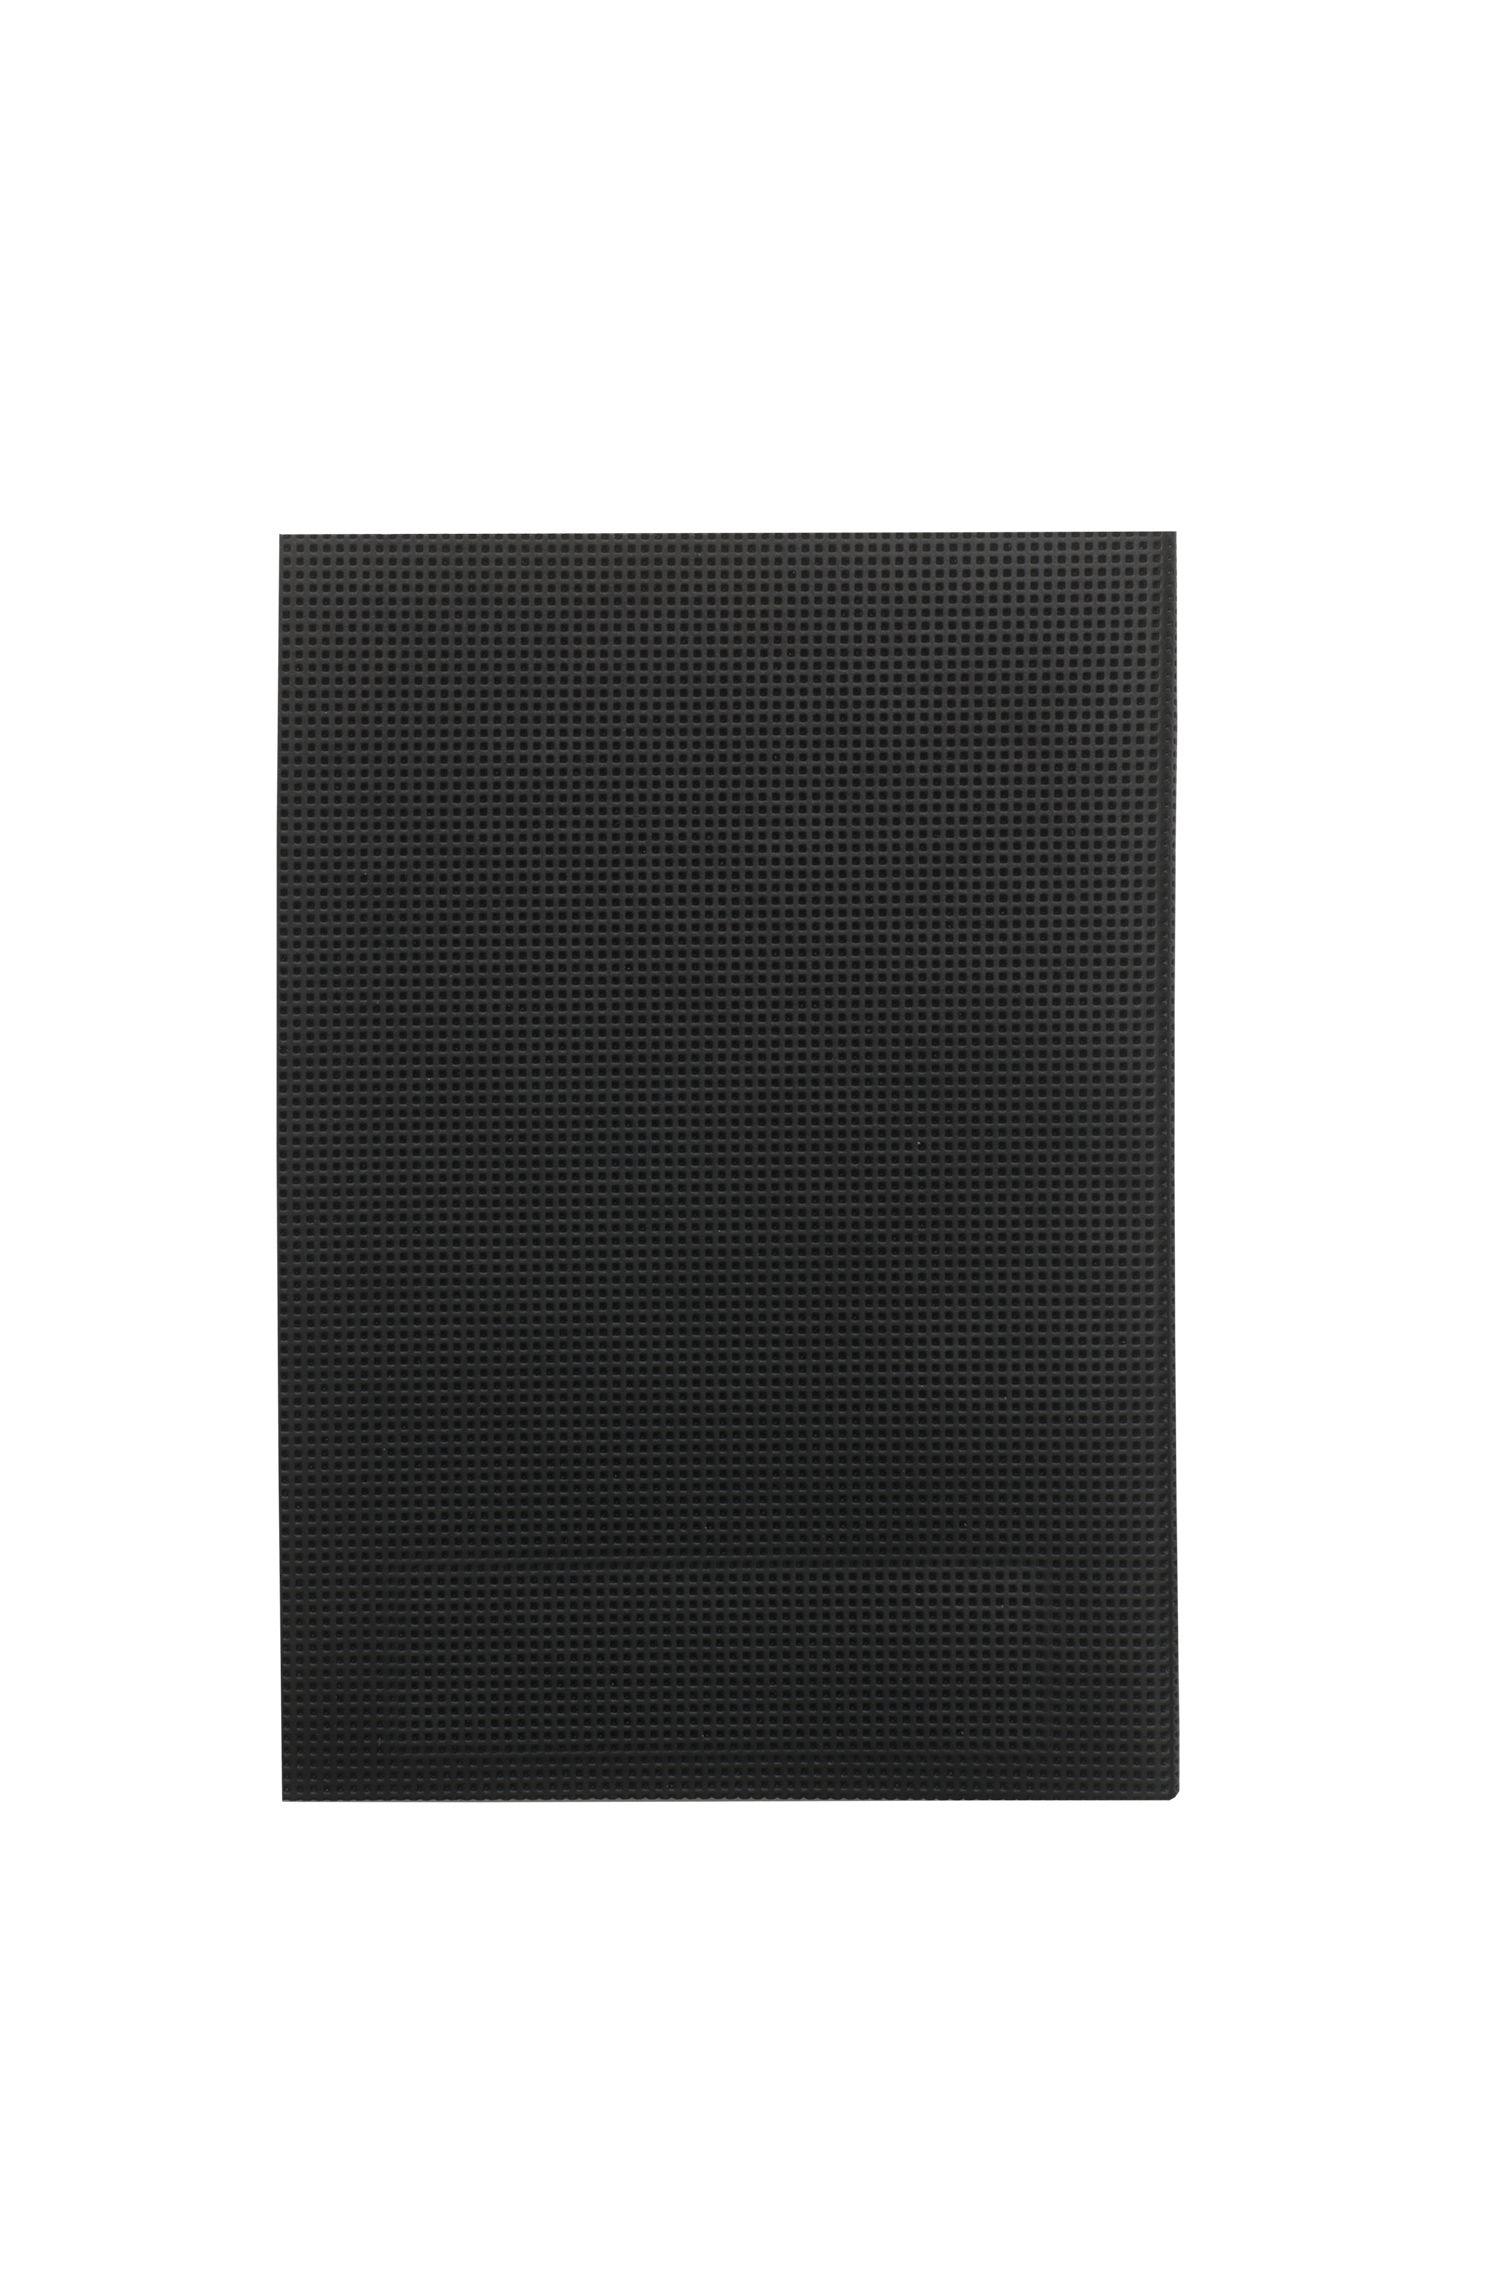 A6 Notizbuch: 'Grid Soft'